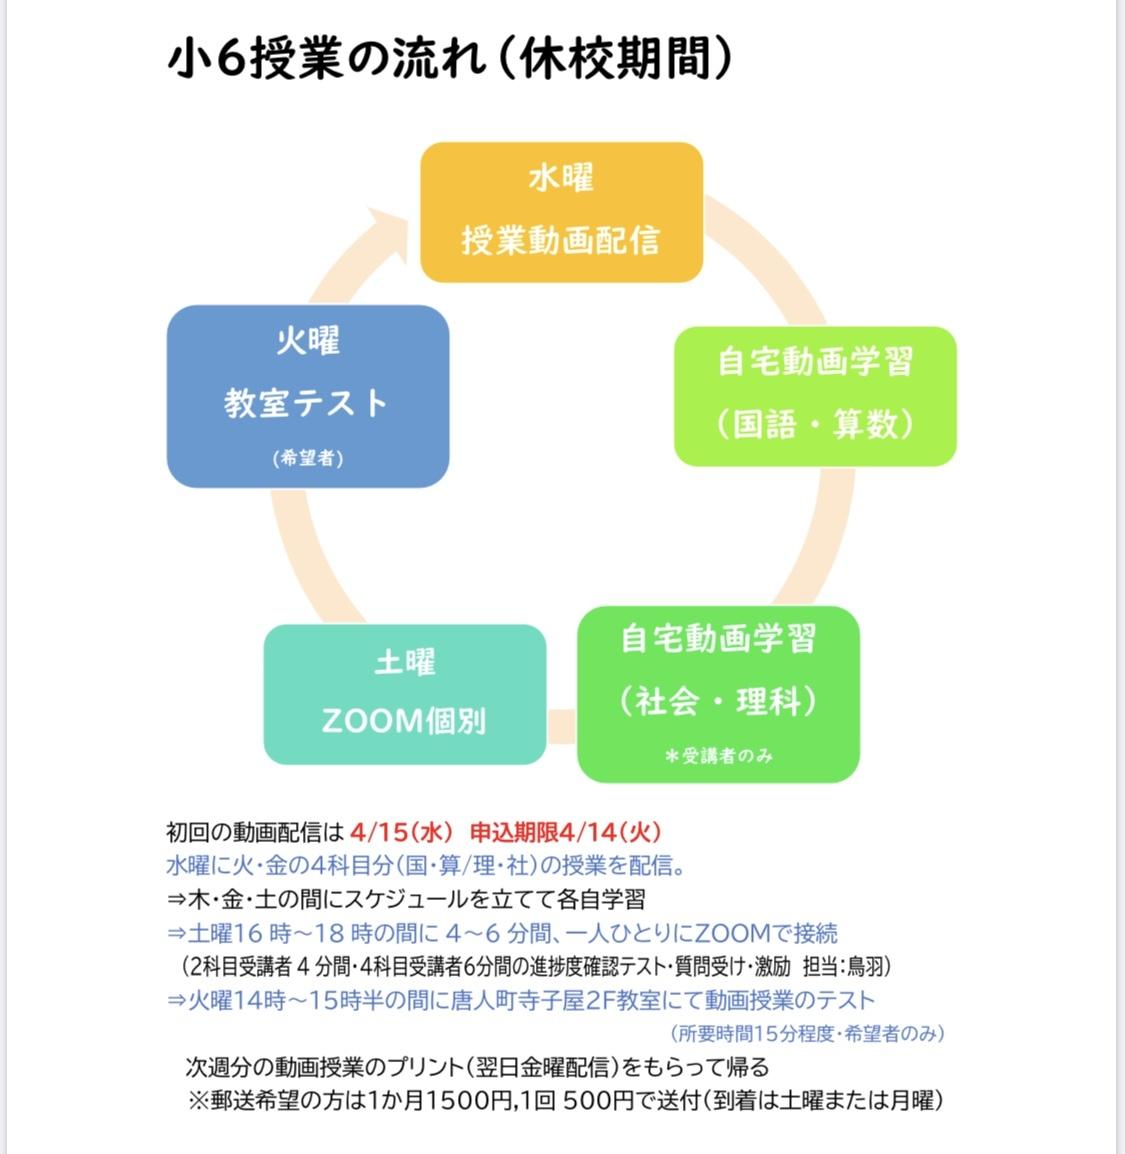 新年度の小6コース授業について【休校期間】_d0116009_01221002.jpg